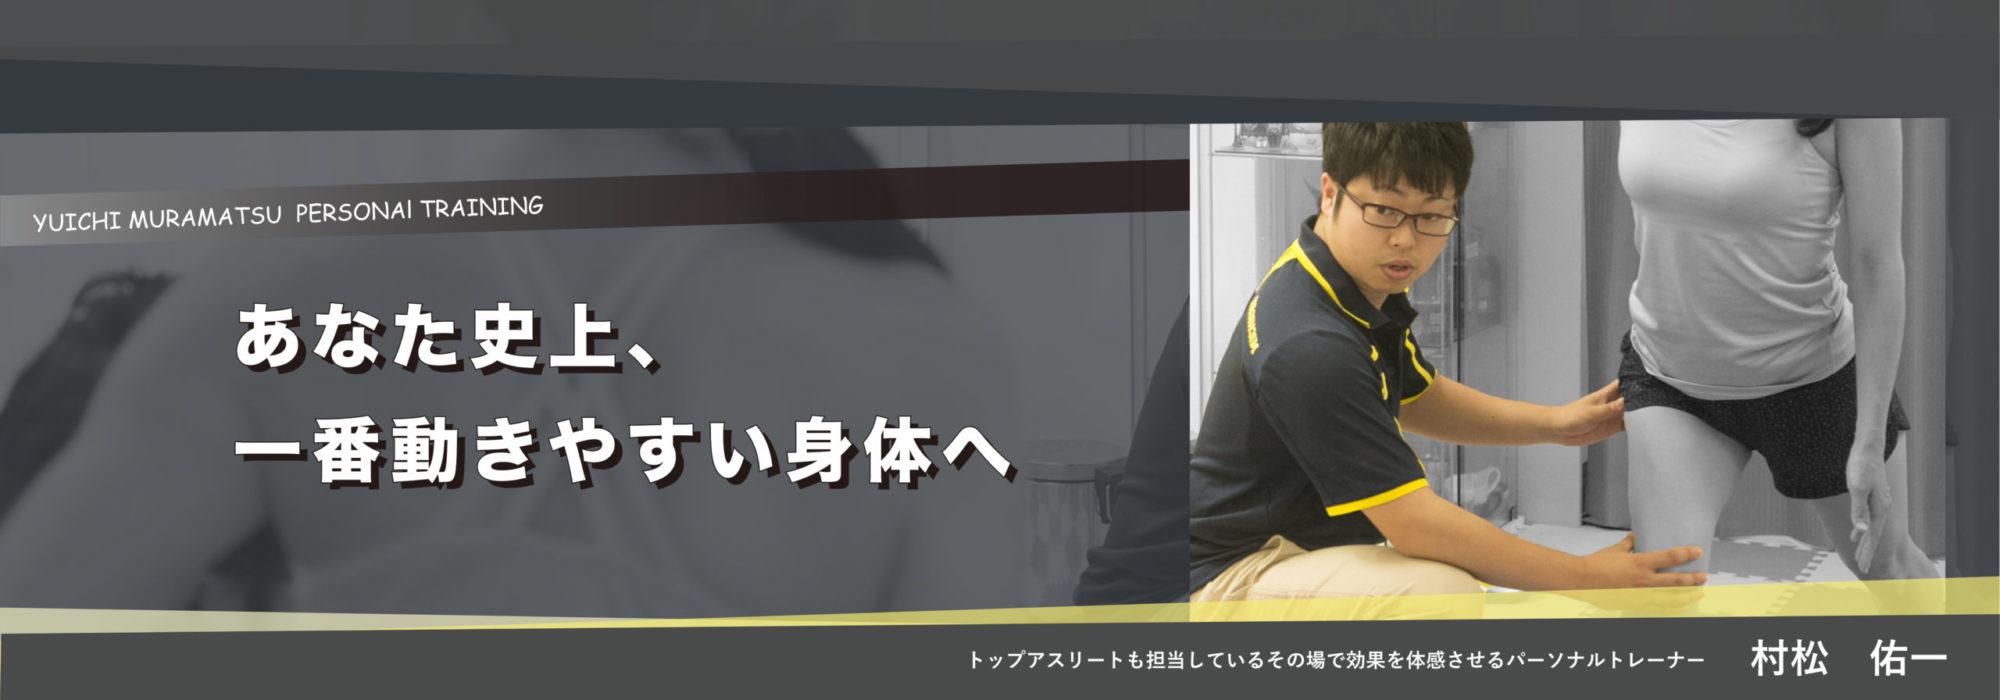 思い通りに動ける身体作り専門トレーナー村松佑一のOfficial Website